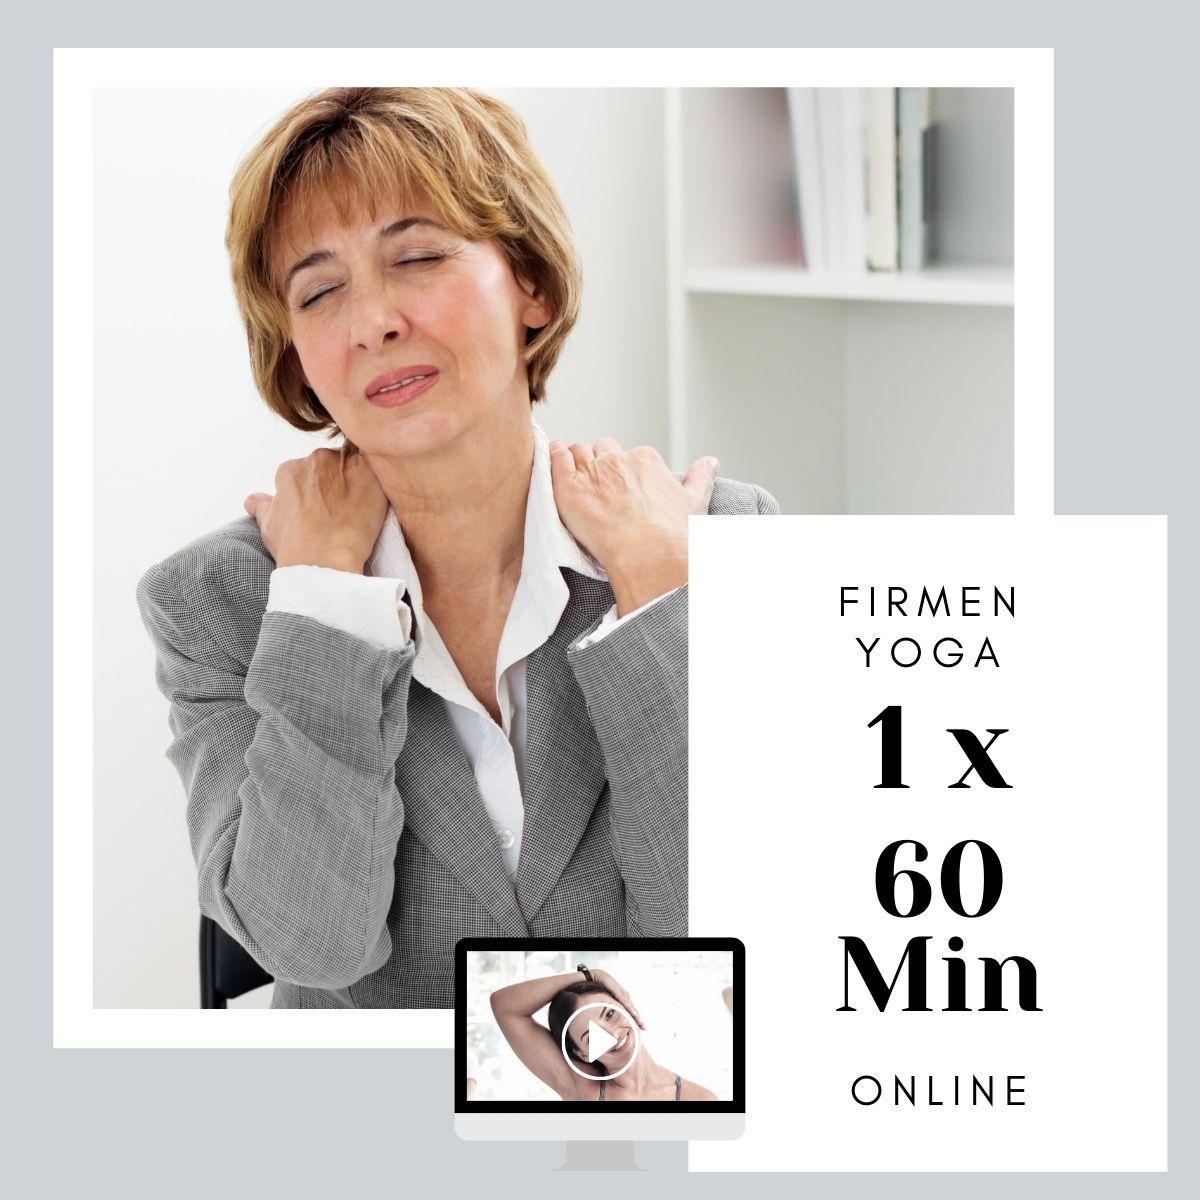 firmen-yoga-business-yoga-nackenschmerzen-online-einzeltermin